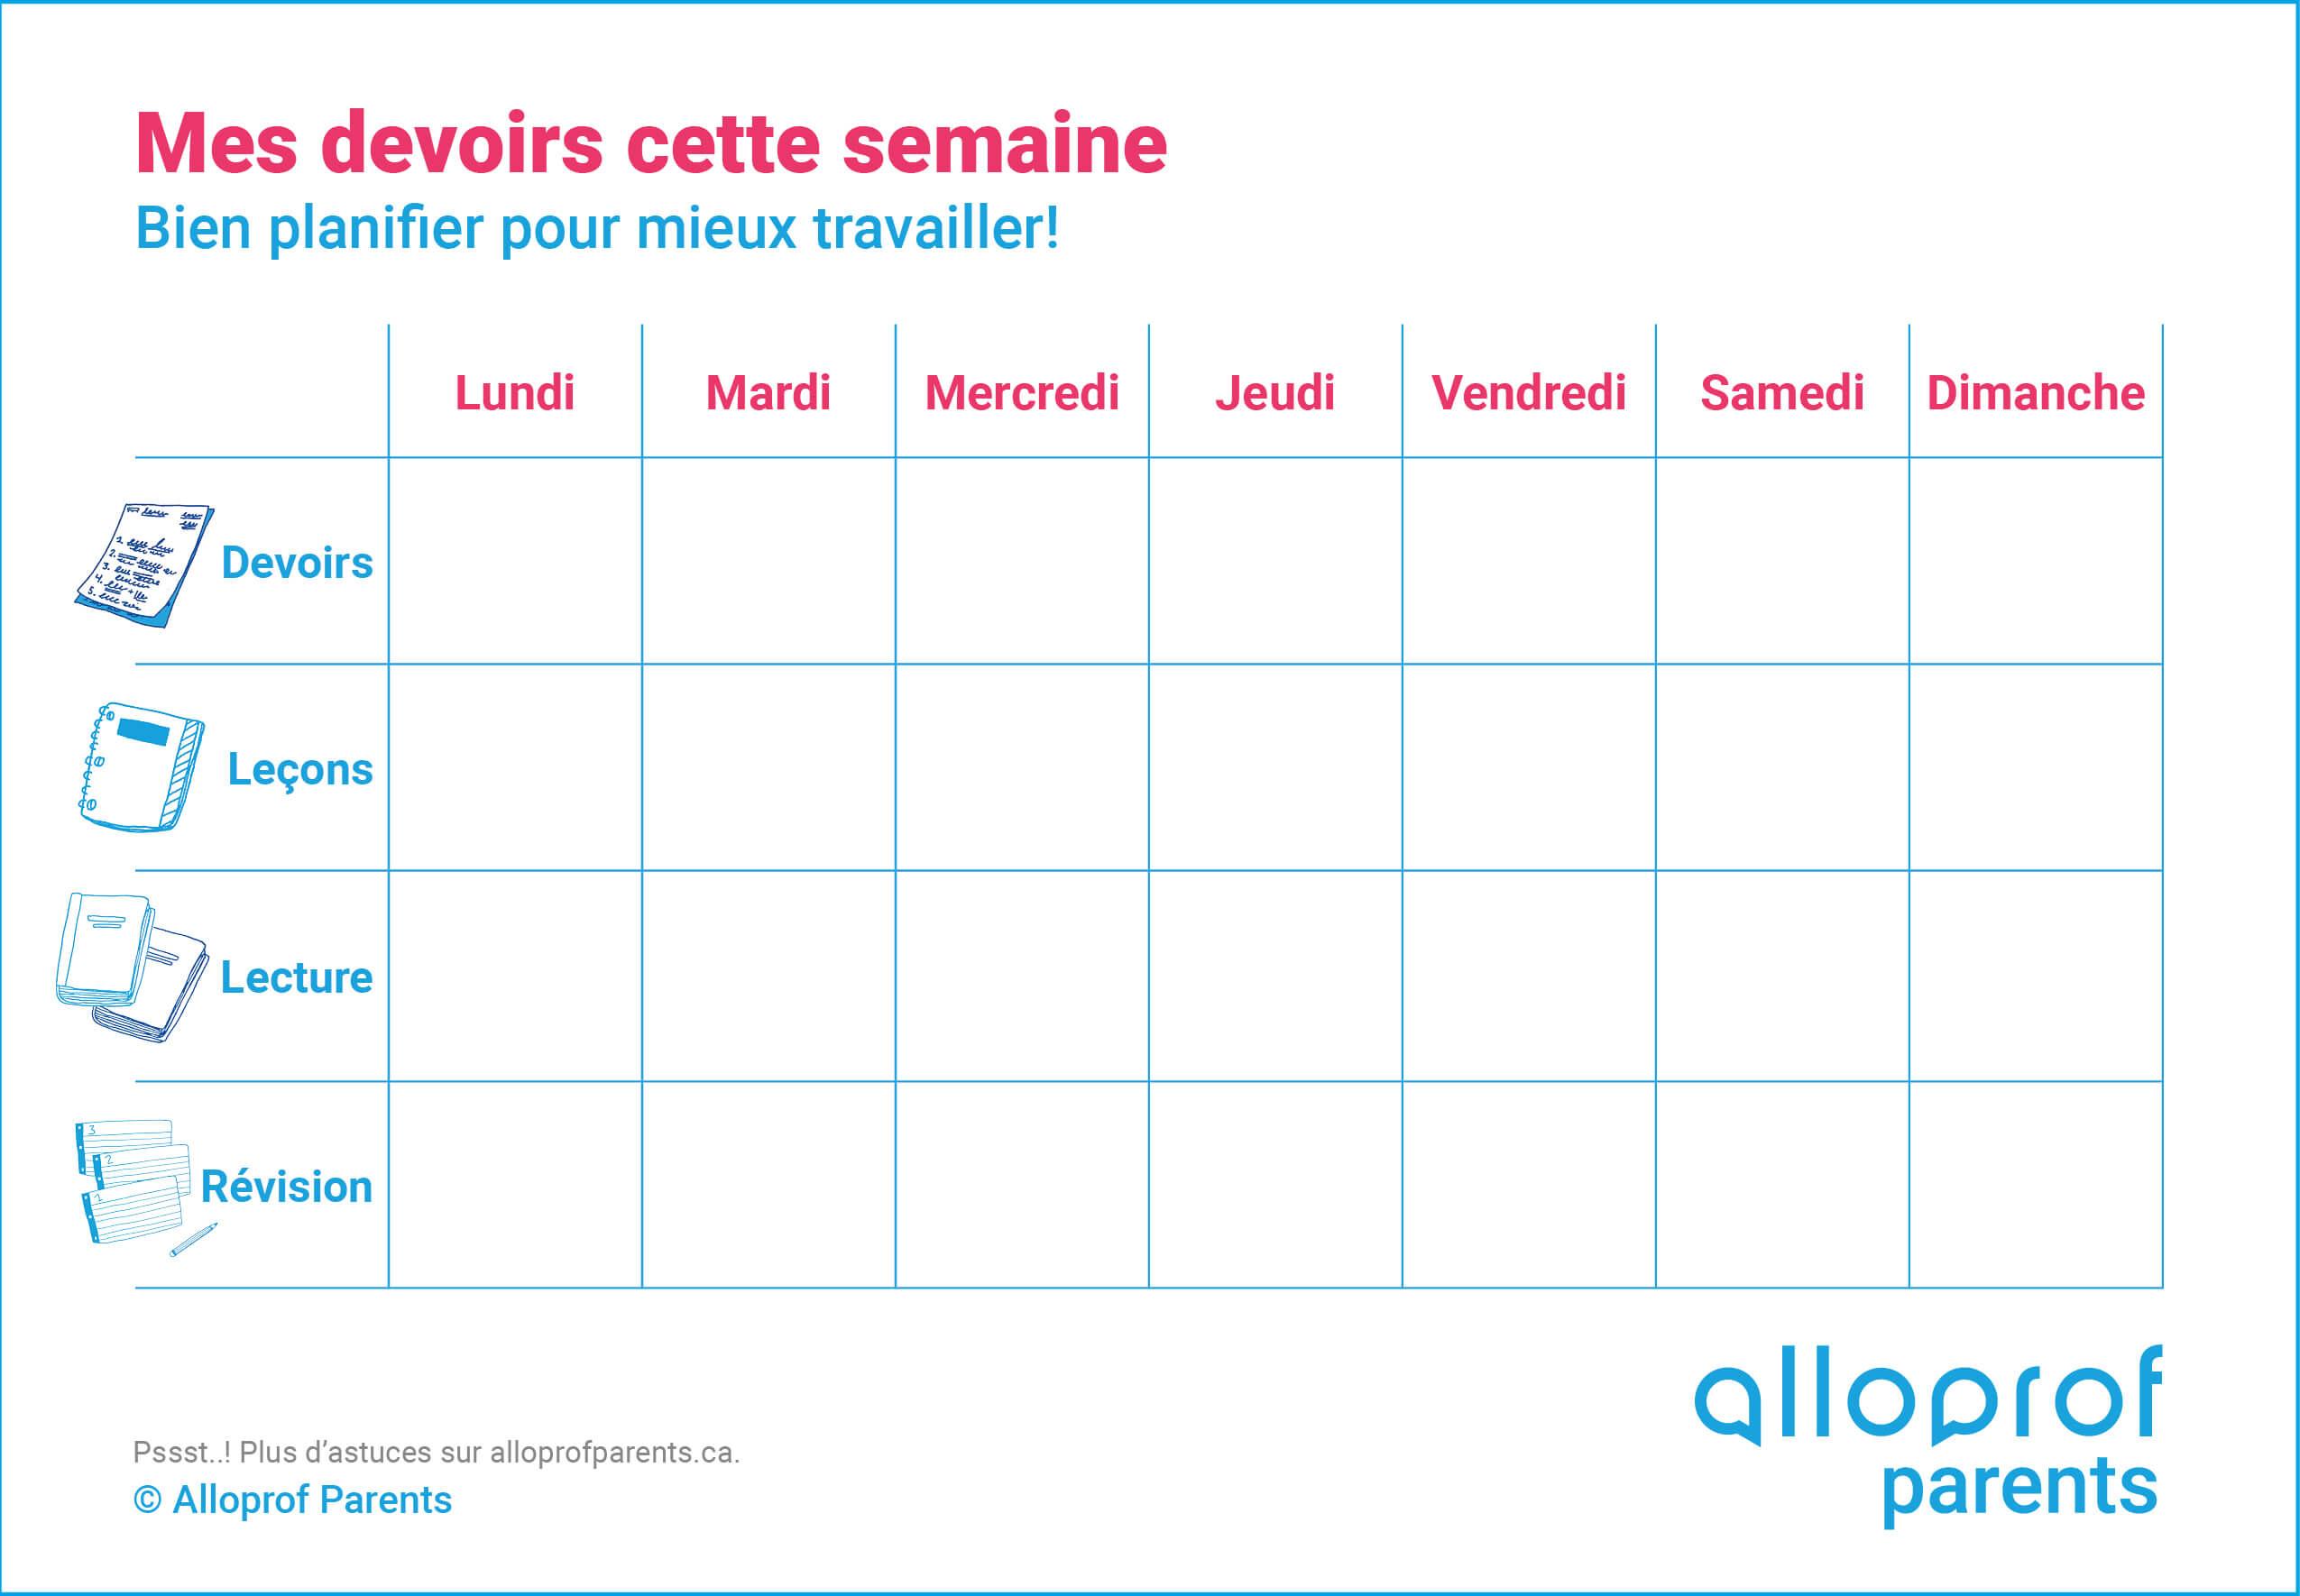 Bien S'organiser Pour La Rentrée - Alloprof Parents concernant Calendrier En Ligne Gratuit A Imprimer